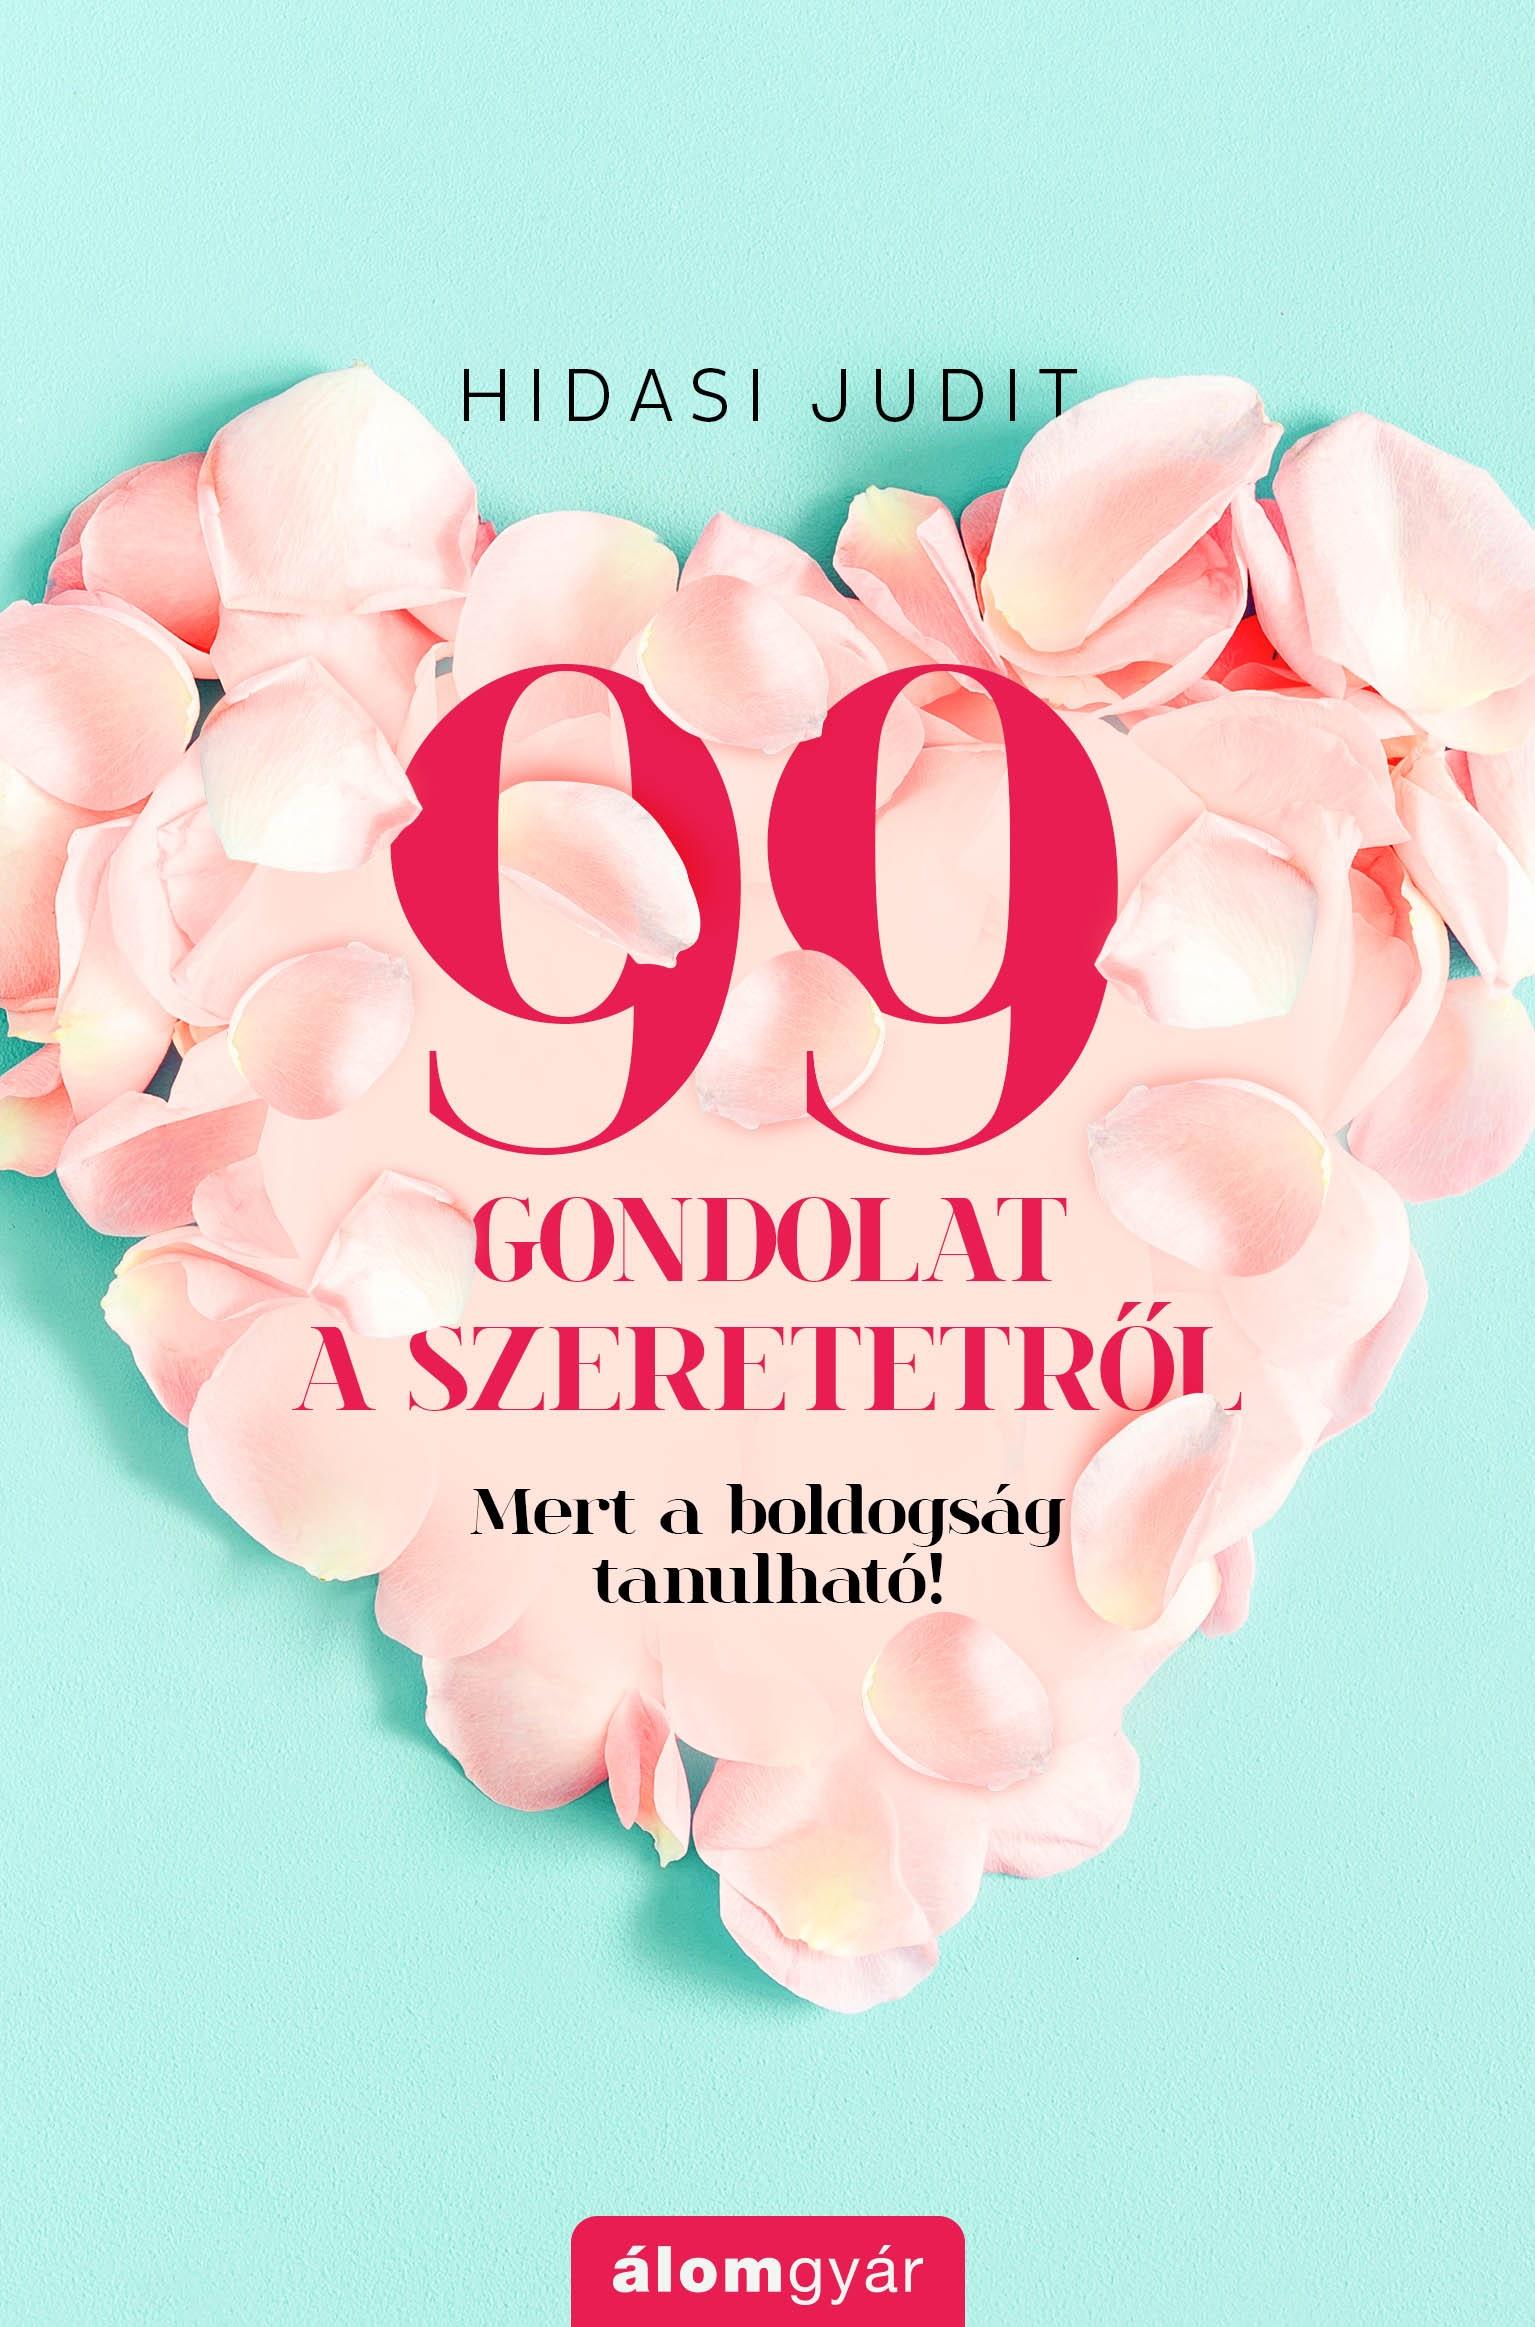 99 gondolat a szeretetről